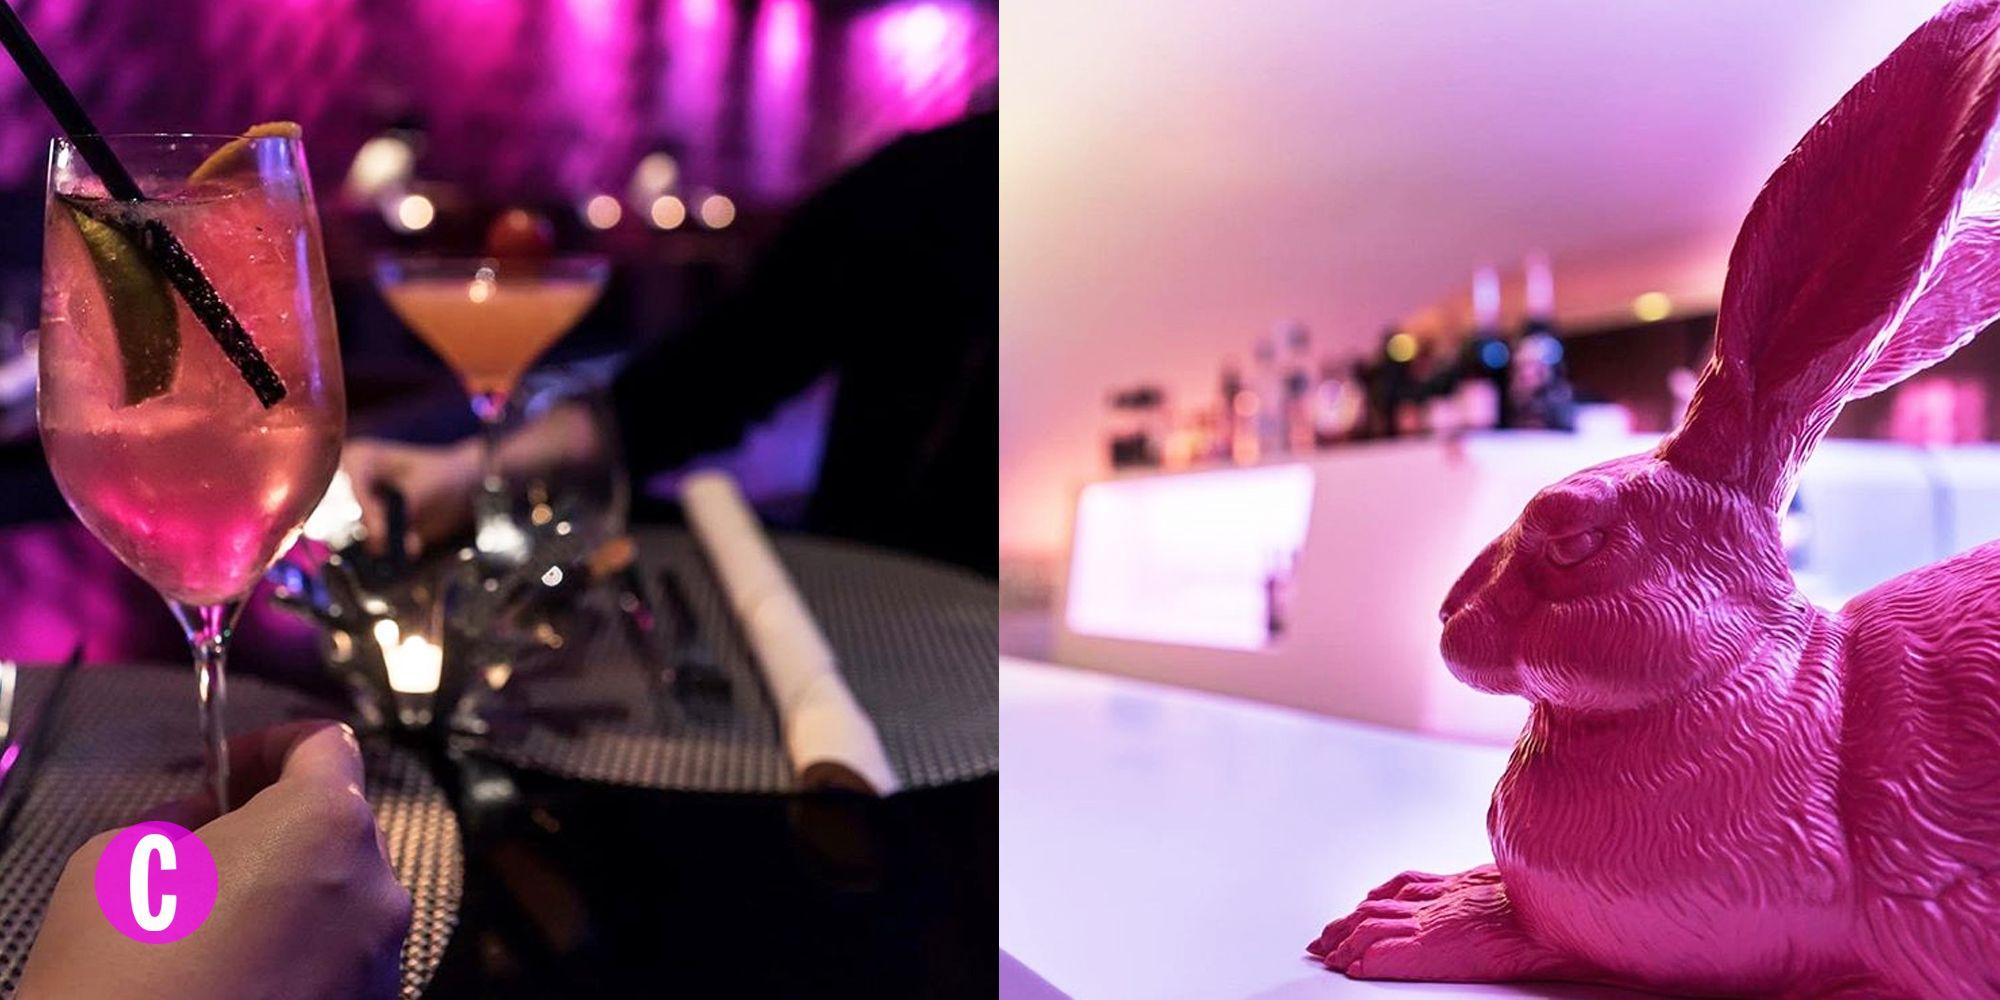 Programma un weekend a Vienna, capitale della Mittleuropa, per testare il fermento notturno creativo di un capitale che non dorme mai.